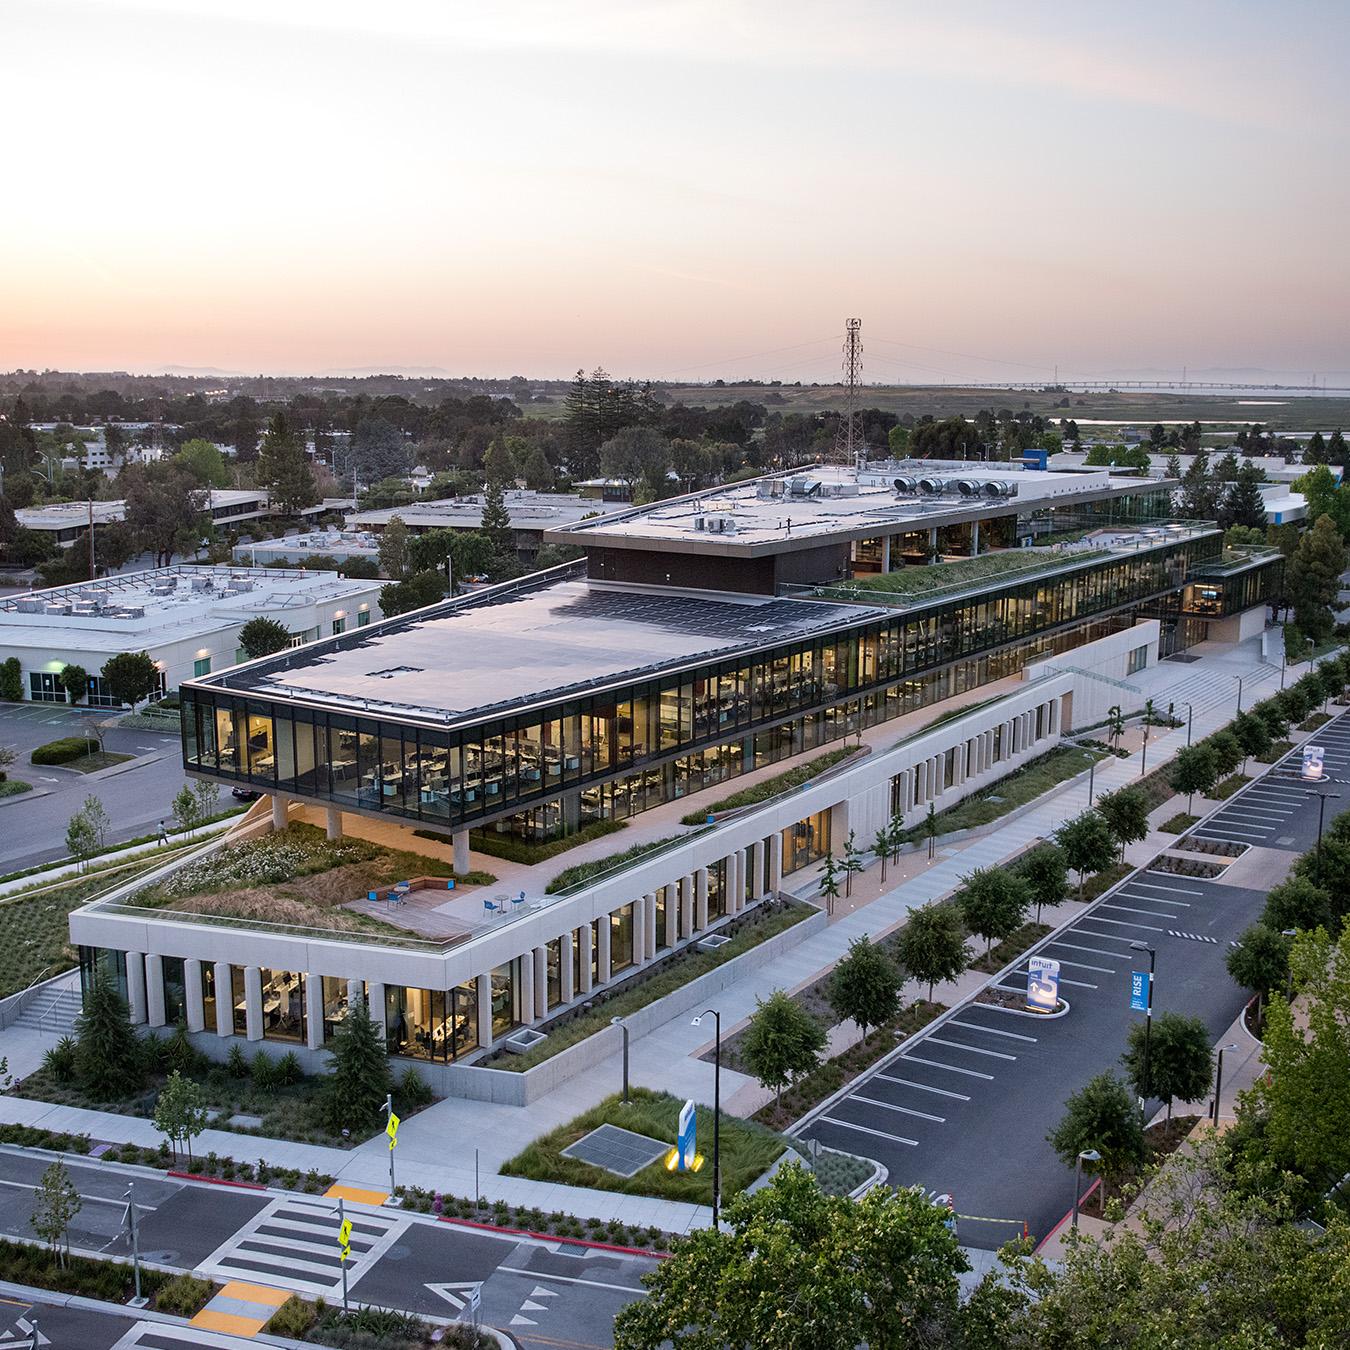 Intuit campus at sunset